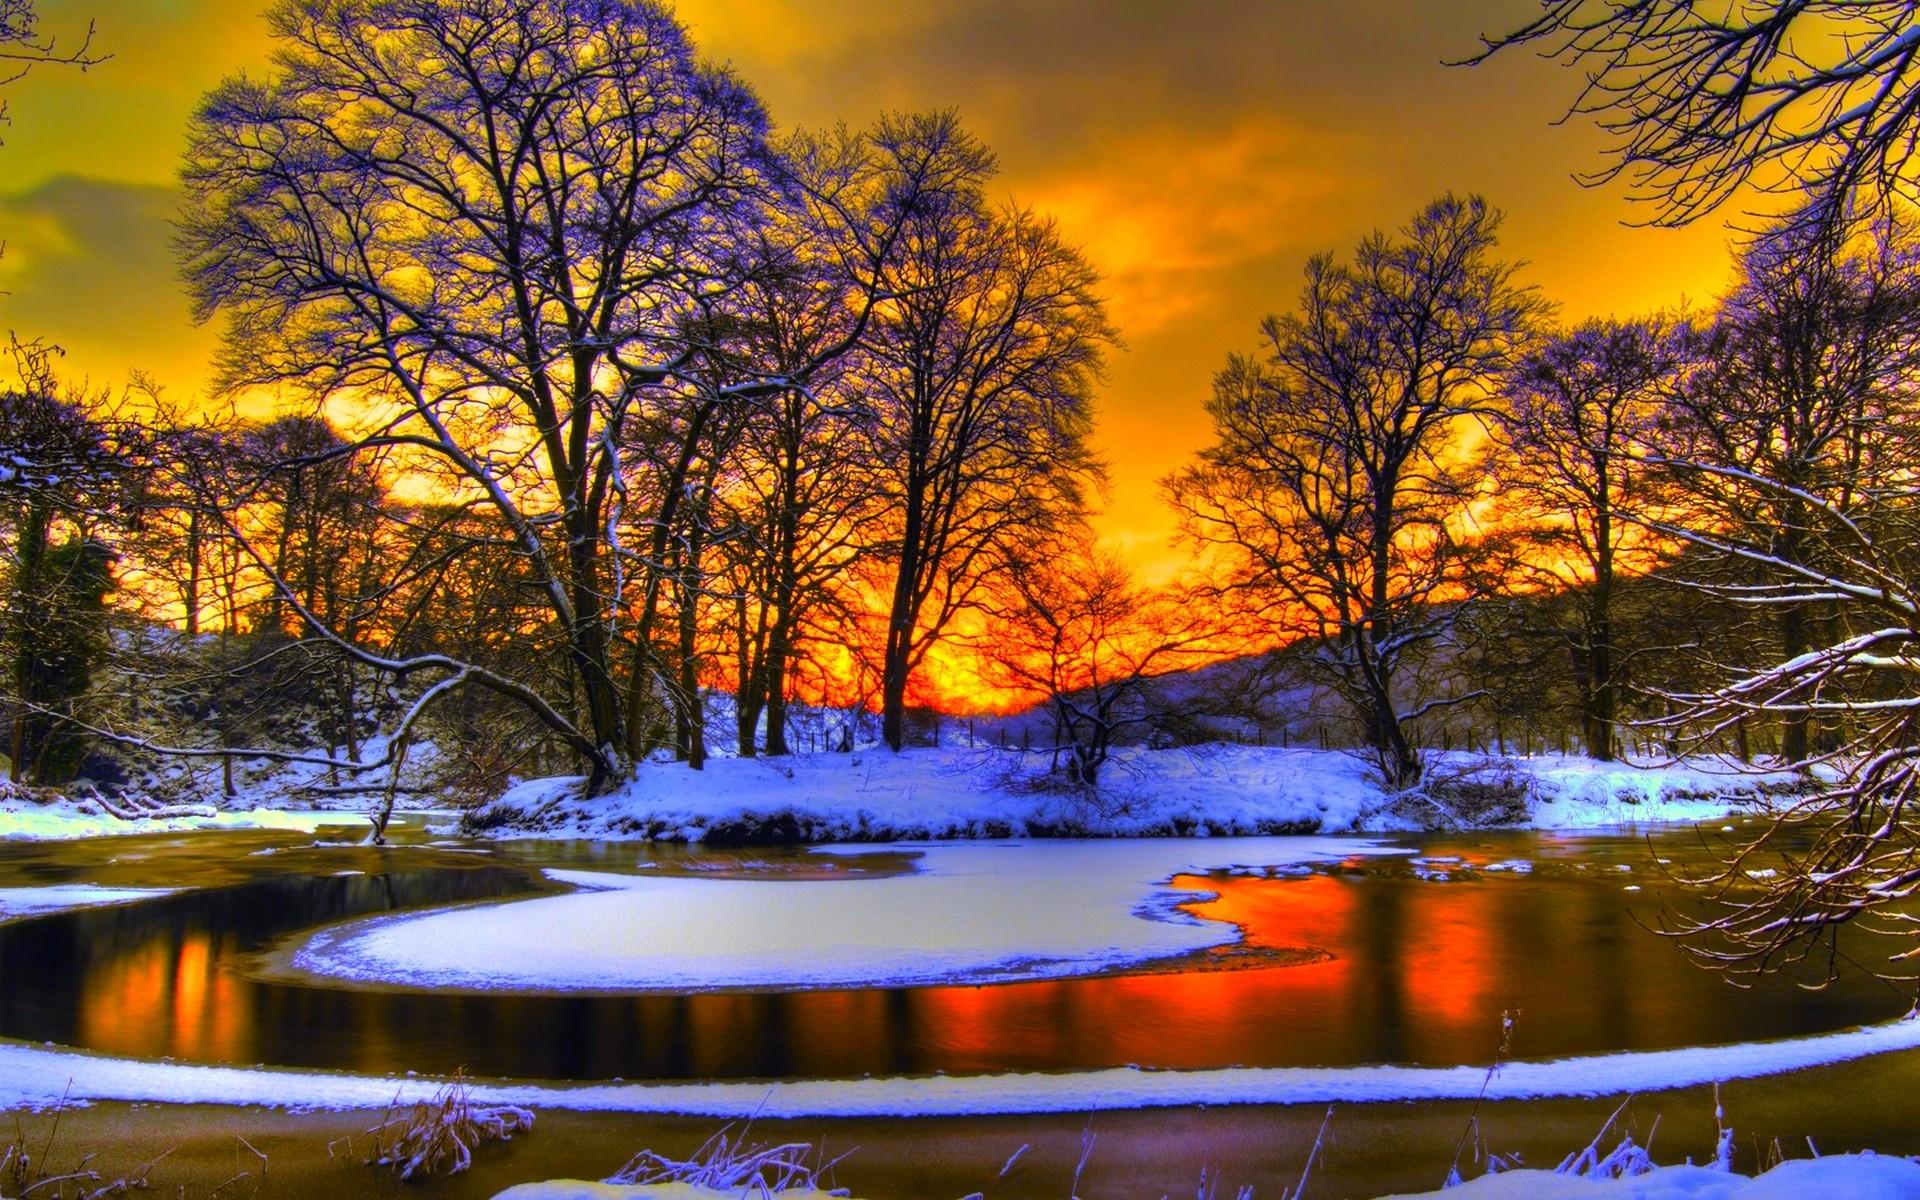 High Resolution Wallpaper Winter: Winter Desktop Wallpaper ·① Download Free Cool High